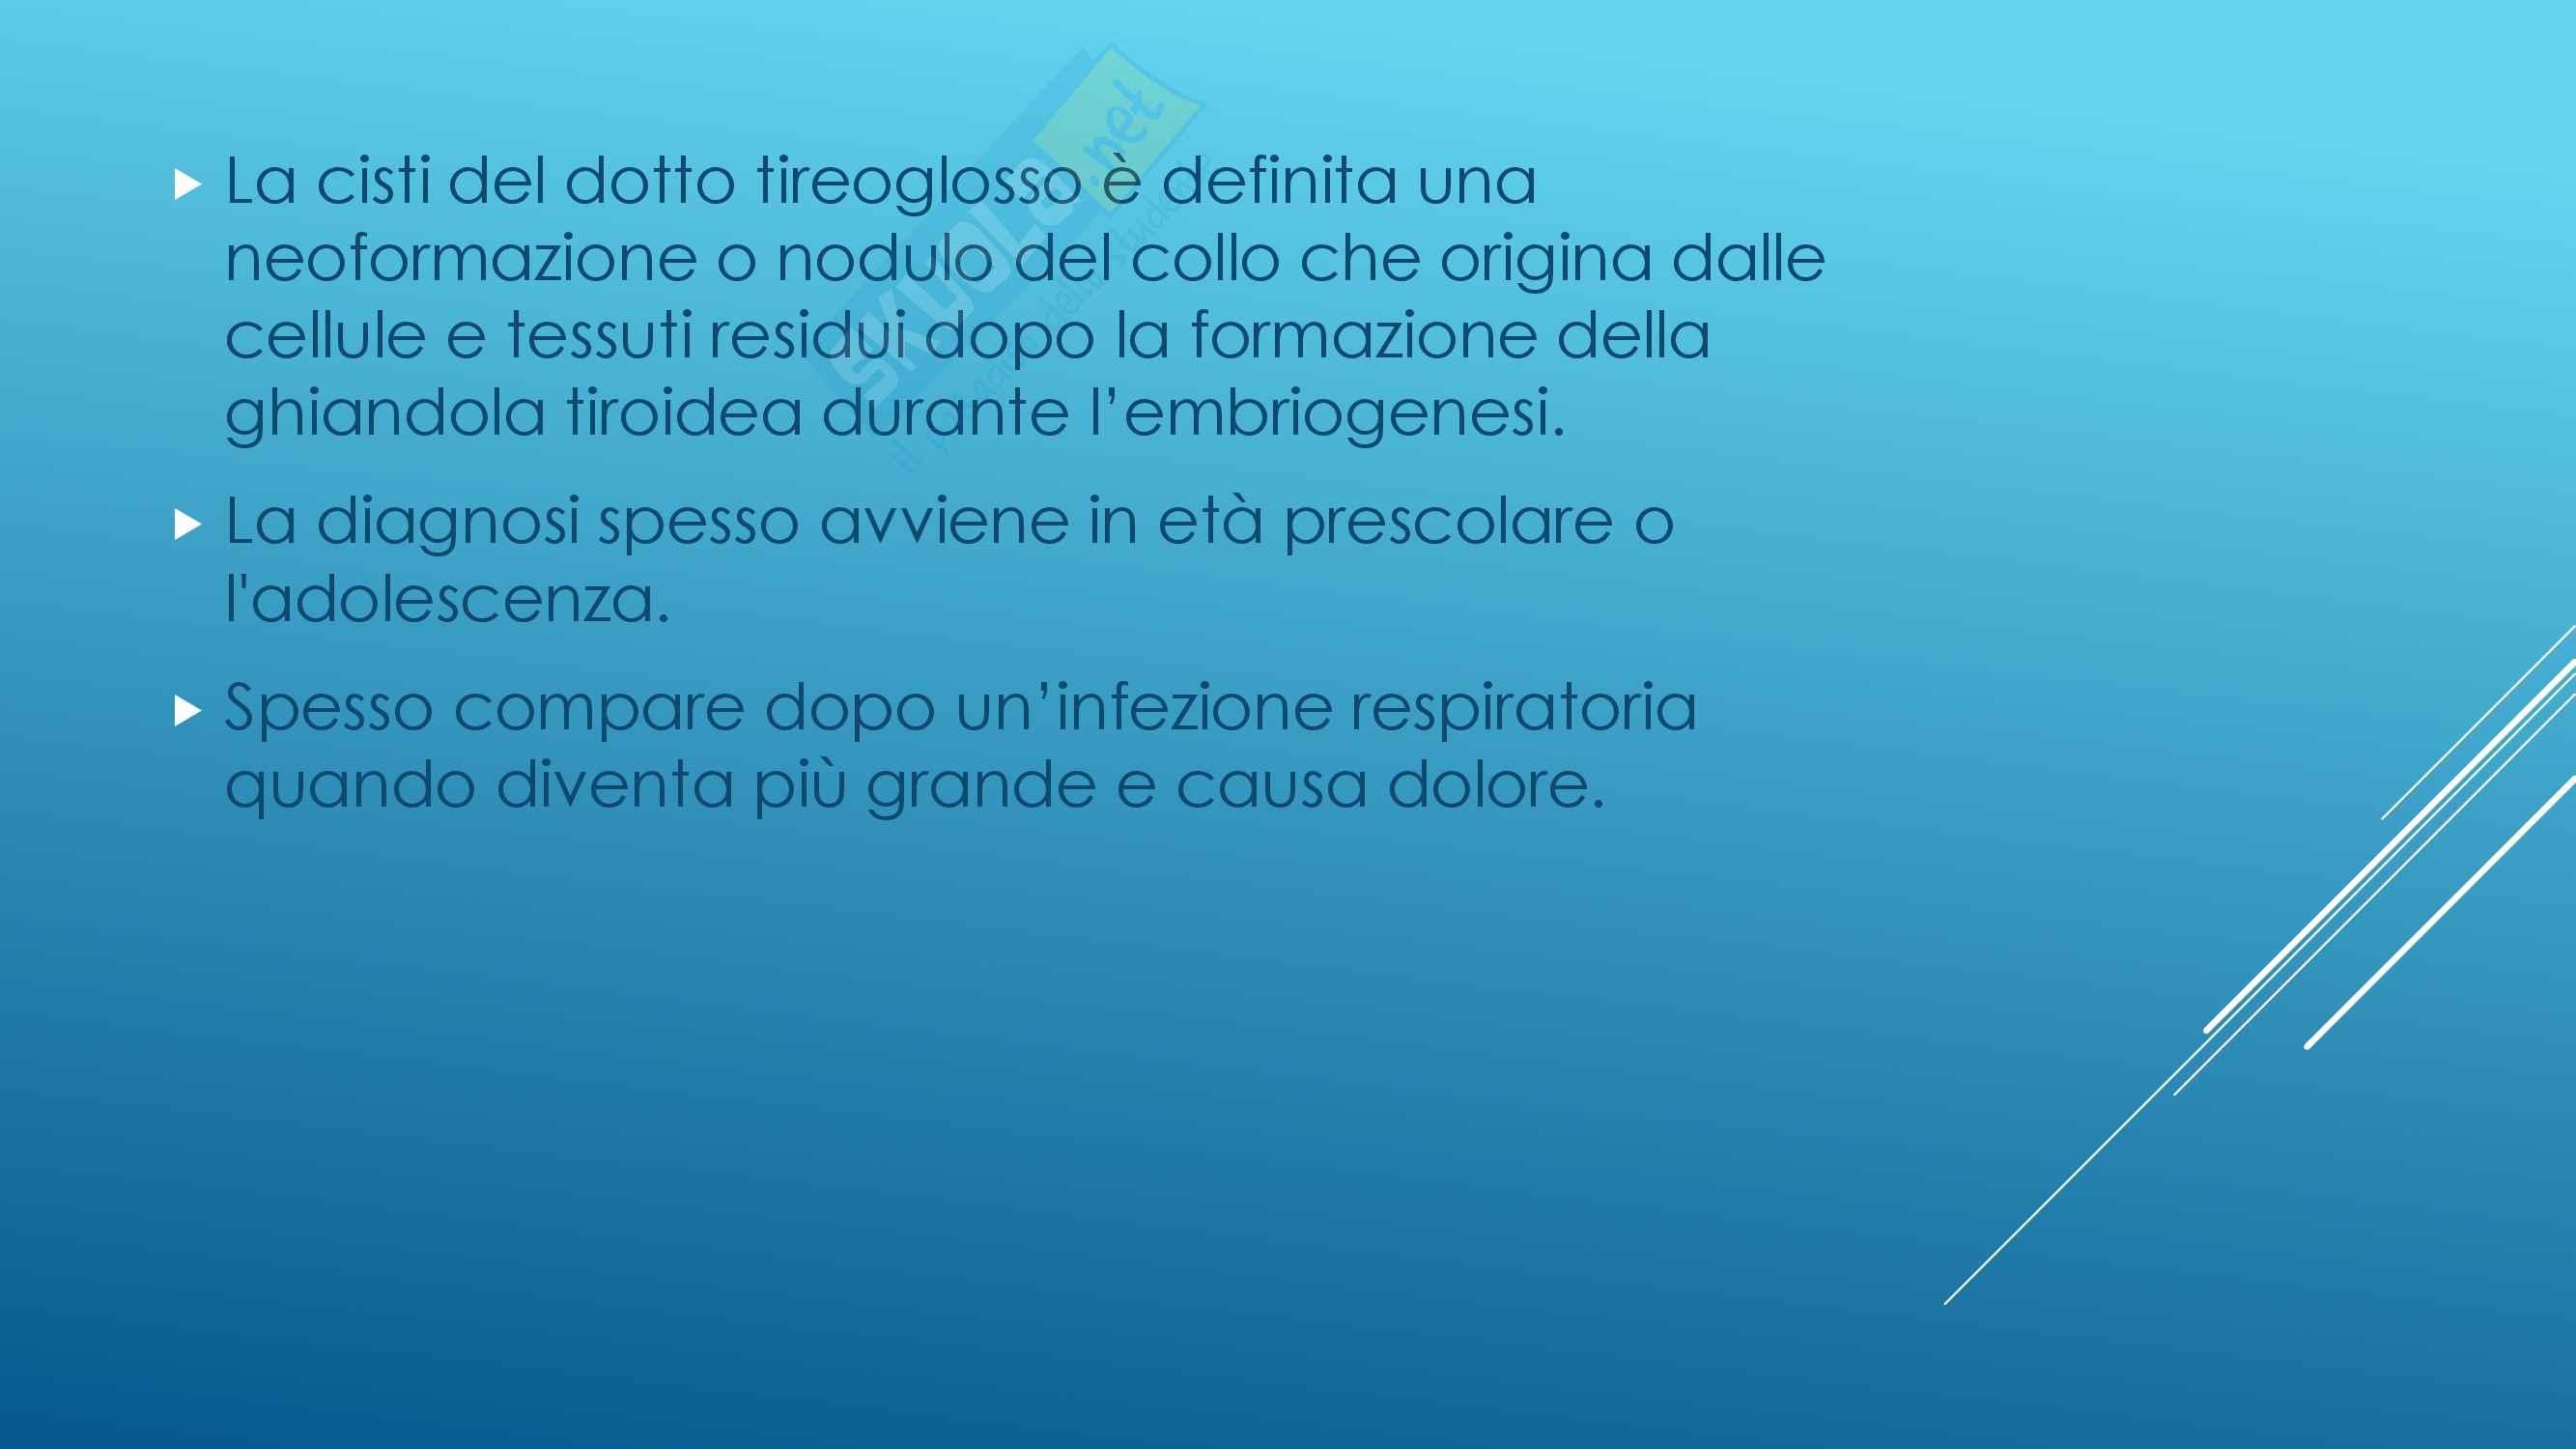 Endocrinologia - Cisti del dotto tireoglosso Pag. 2